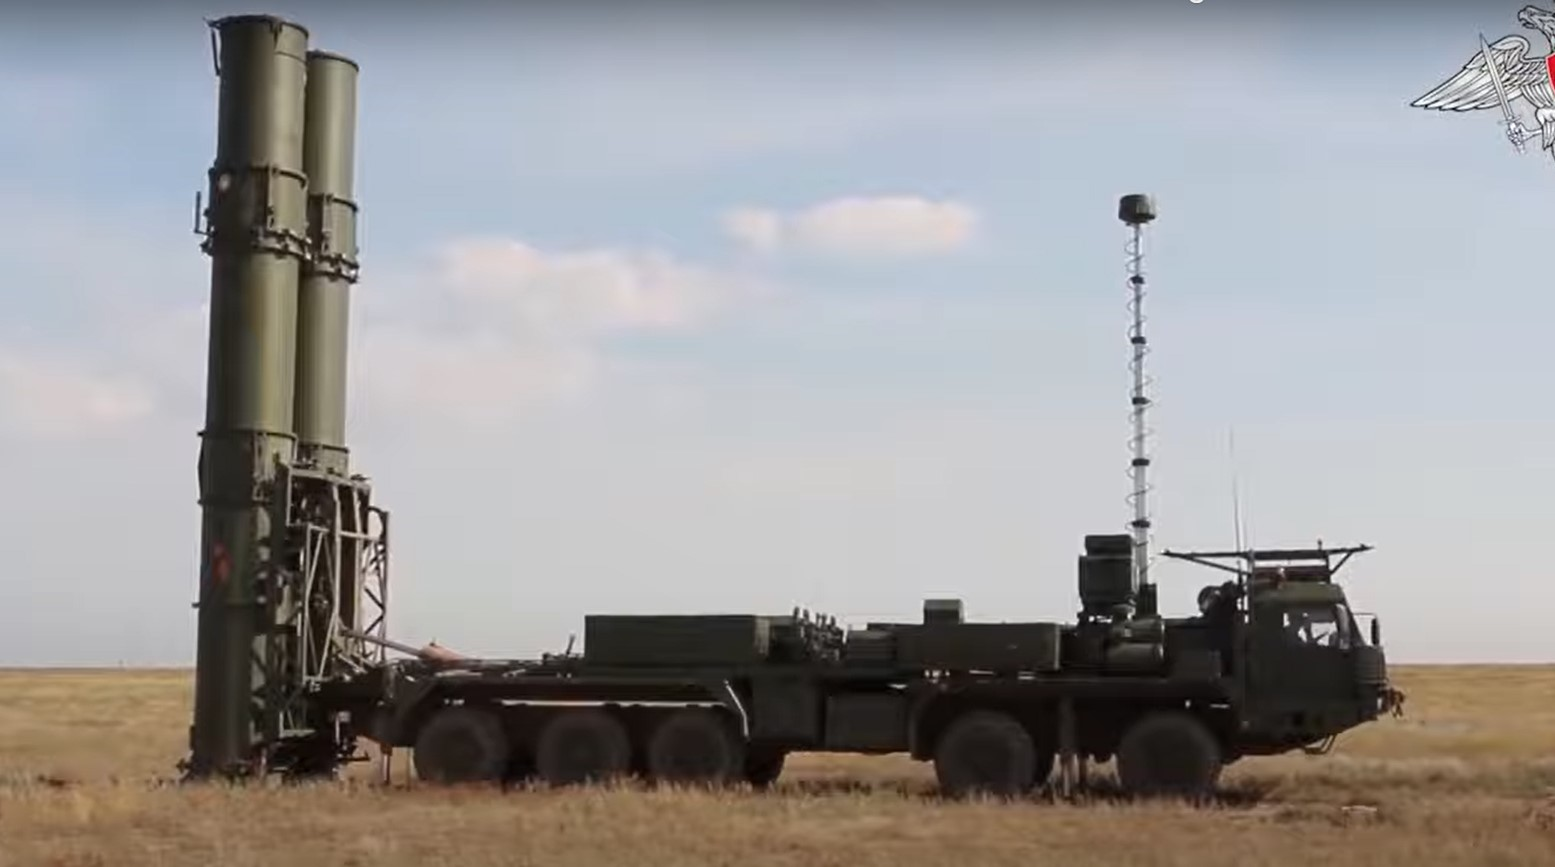 Rosja zakończyła testy systemu przeciwlotniczego S-500. Pierwsze zestawy mają trafić do jednostek